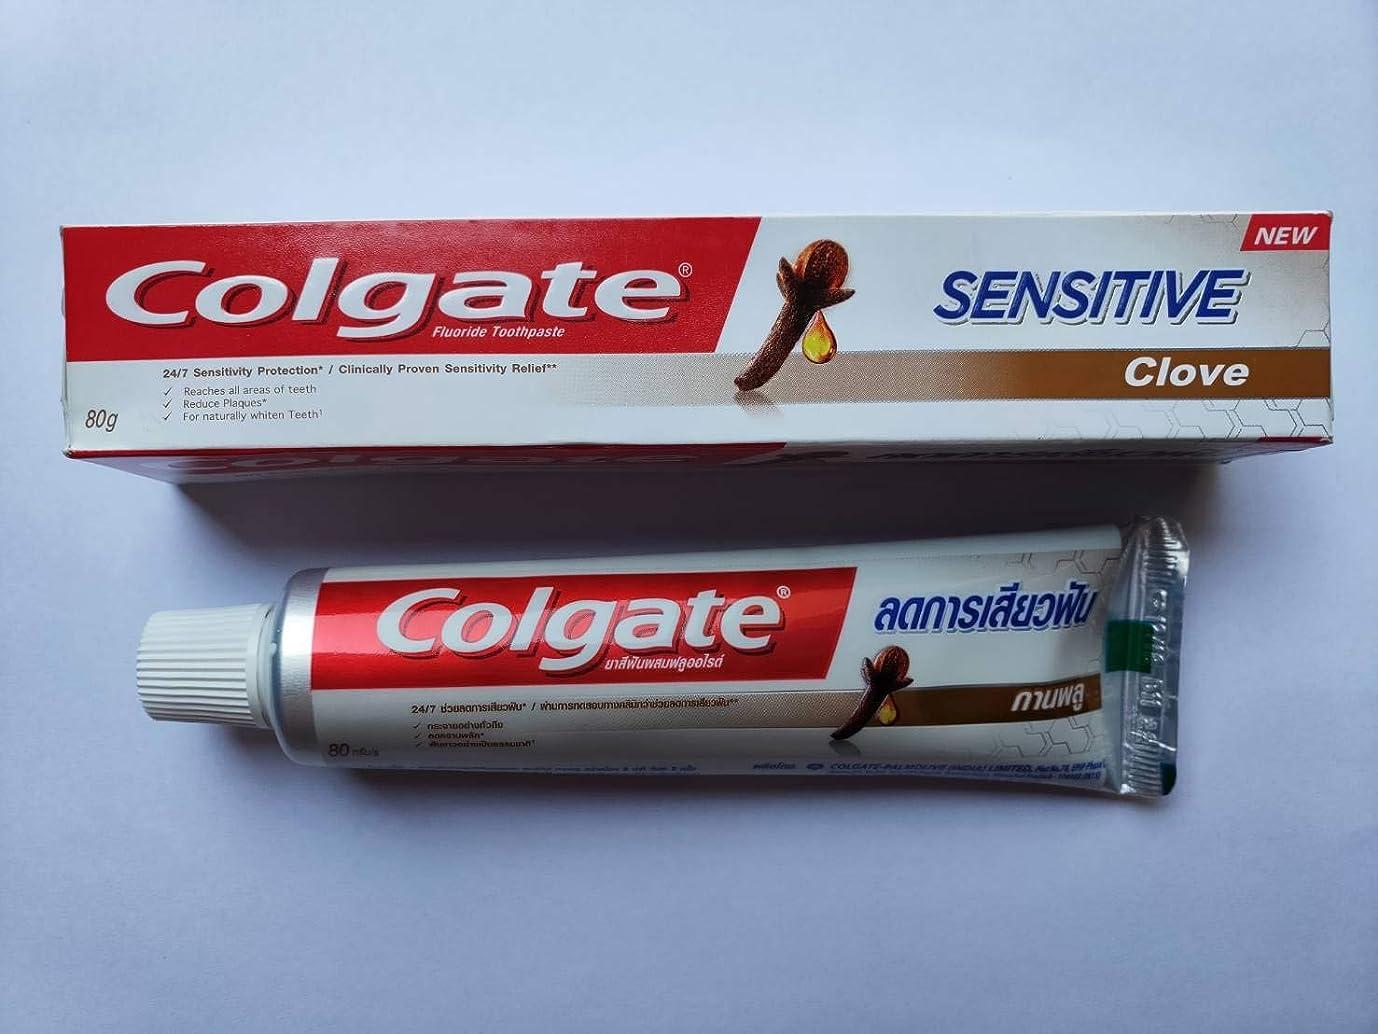 モスク昨日弁護人歯磨き粉 Colate fluoride Toothpaste Sensive Cove